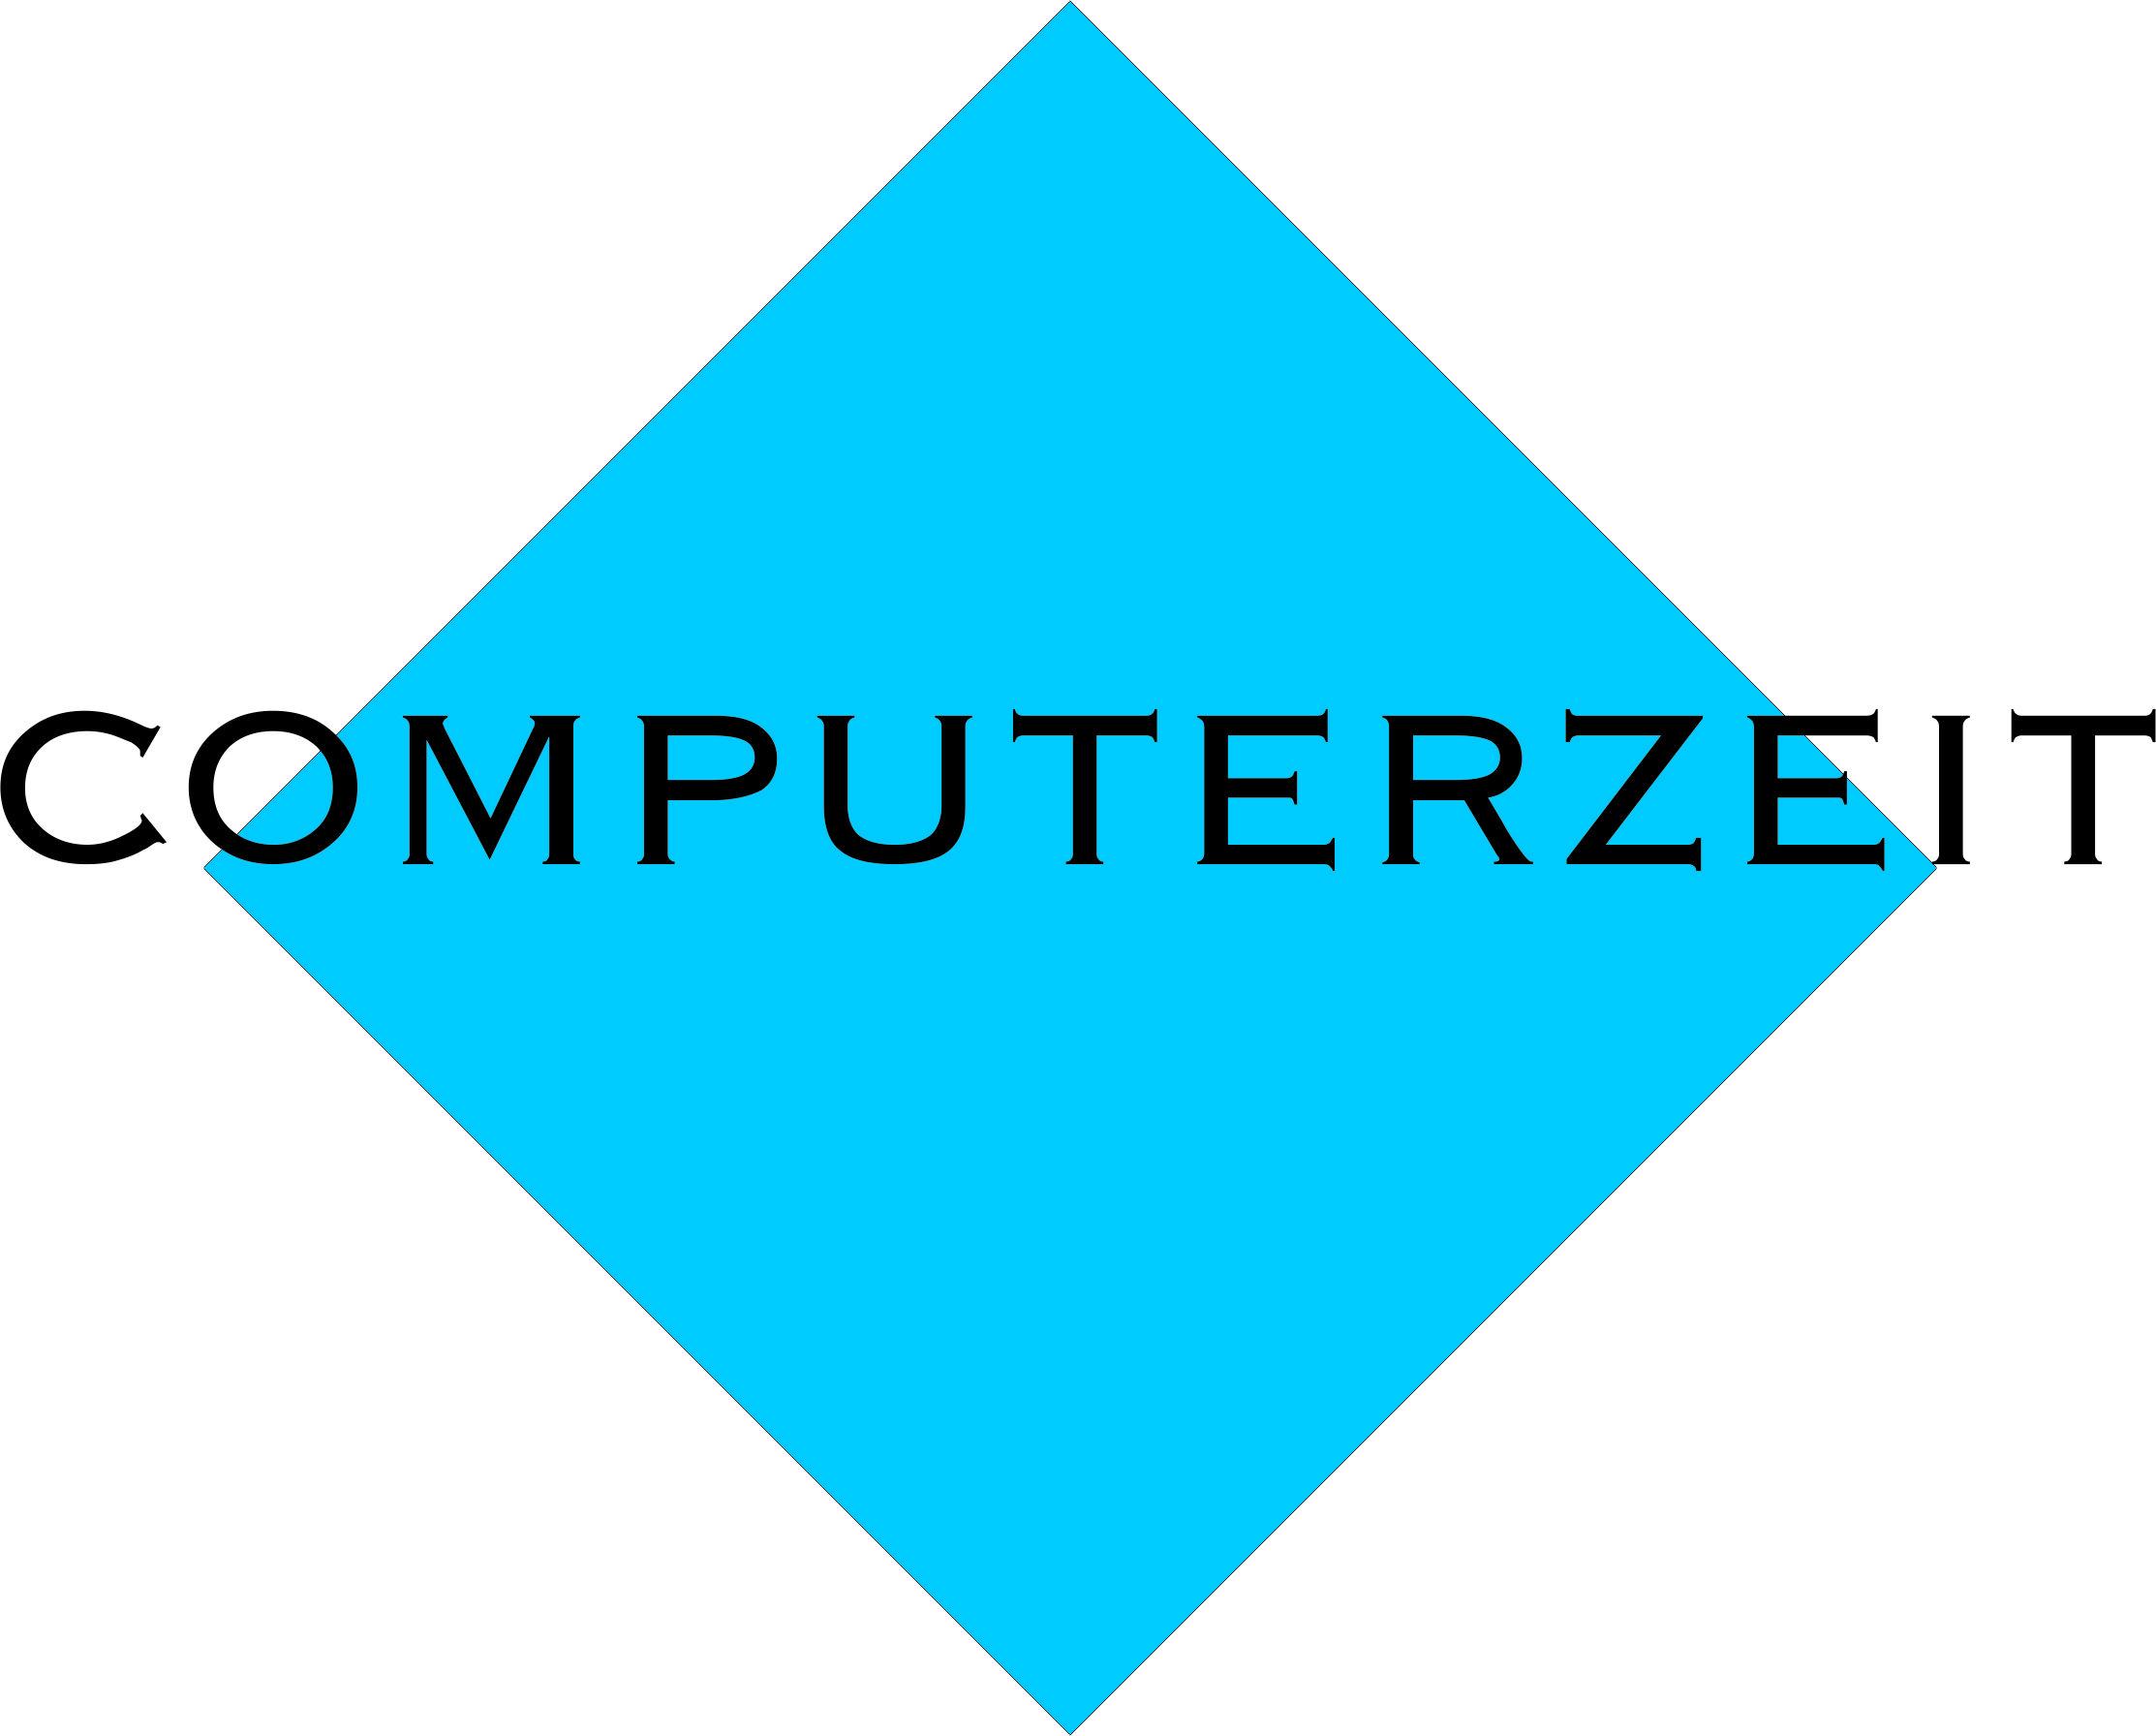 LOGO COMPUTERZEIT 2021